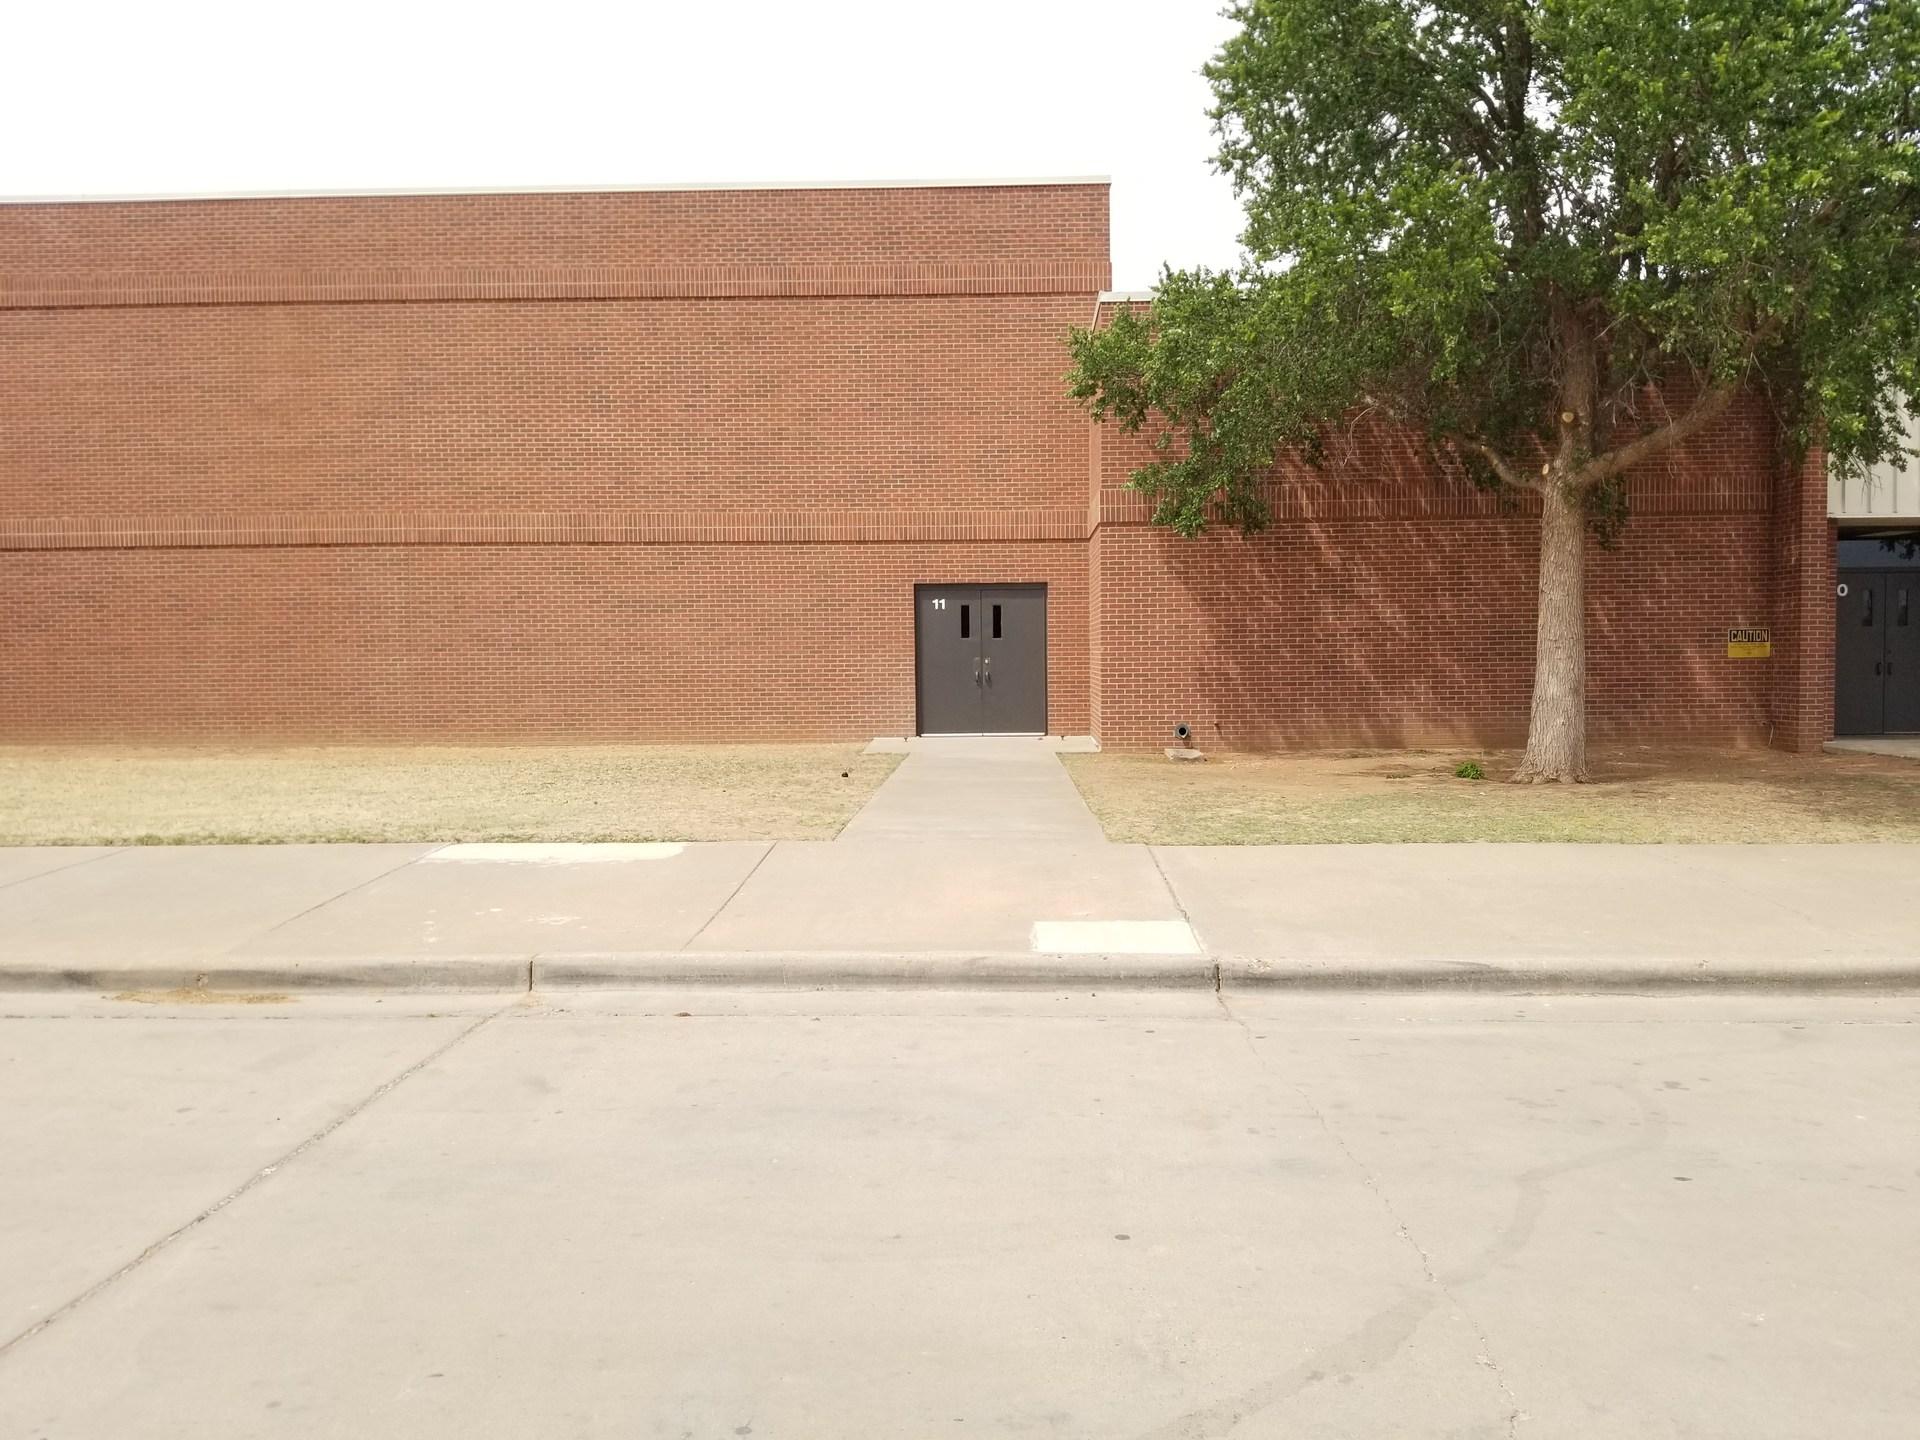 Bennett Elementary Outside Gym Entrance